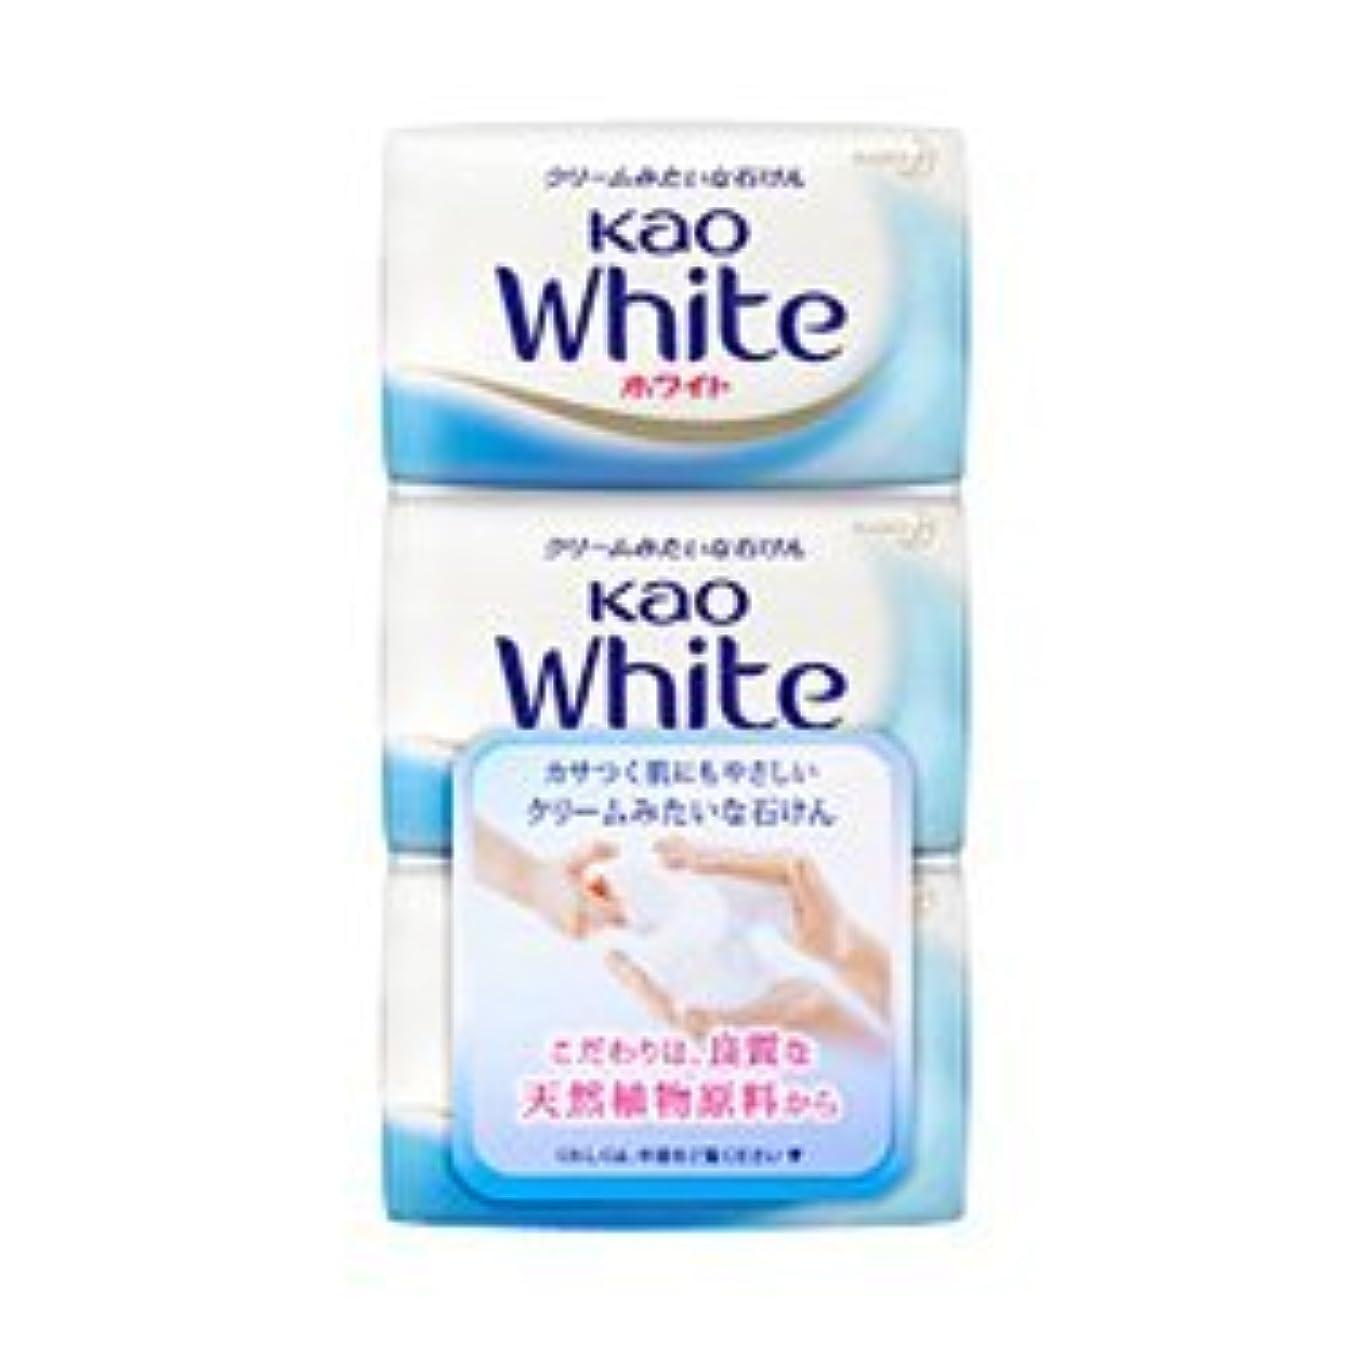 すでに特定の衝撃【花王】花王ホワイト レギュラーサイズ (85g×3個) ×20個セット